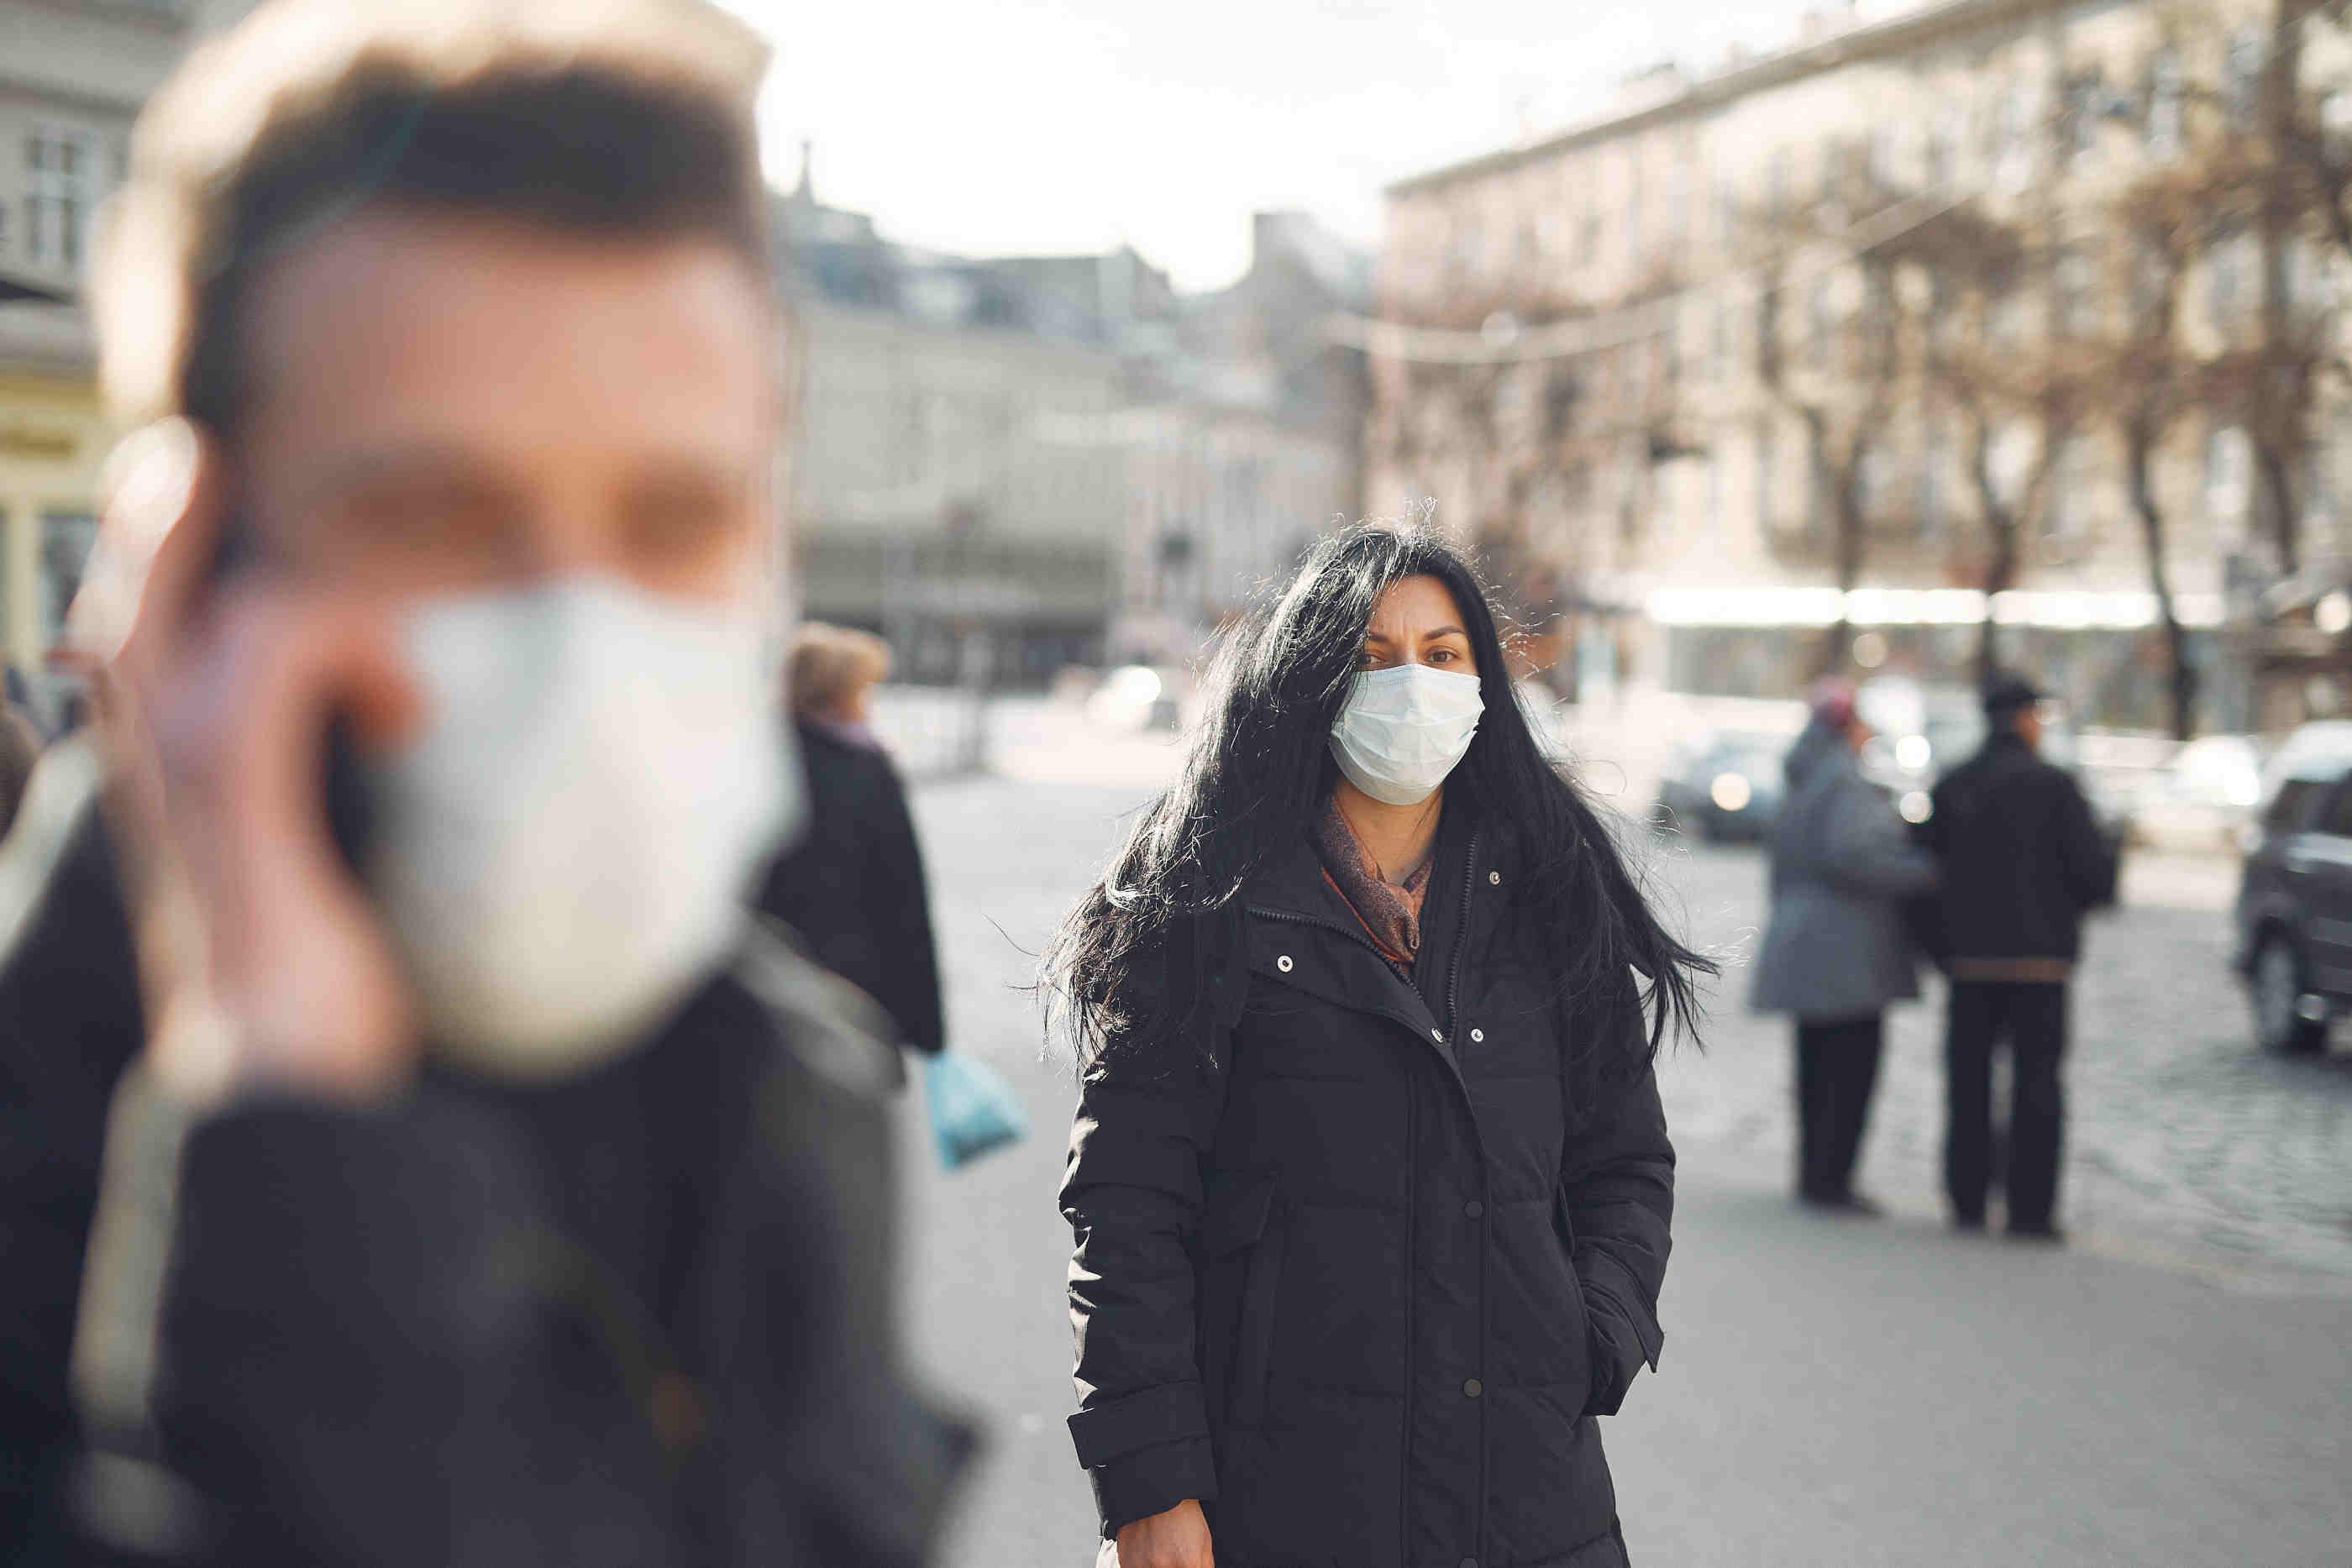 Pessoas na rua com máscaras cirúrgicas na cara